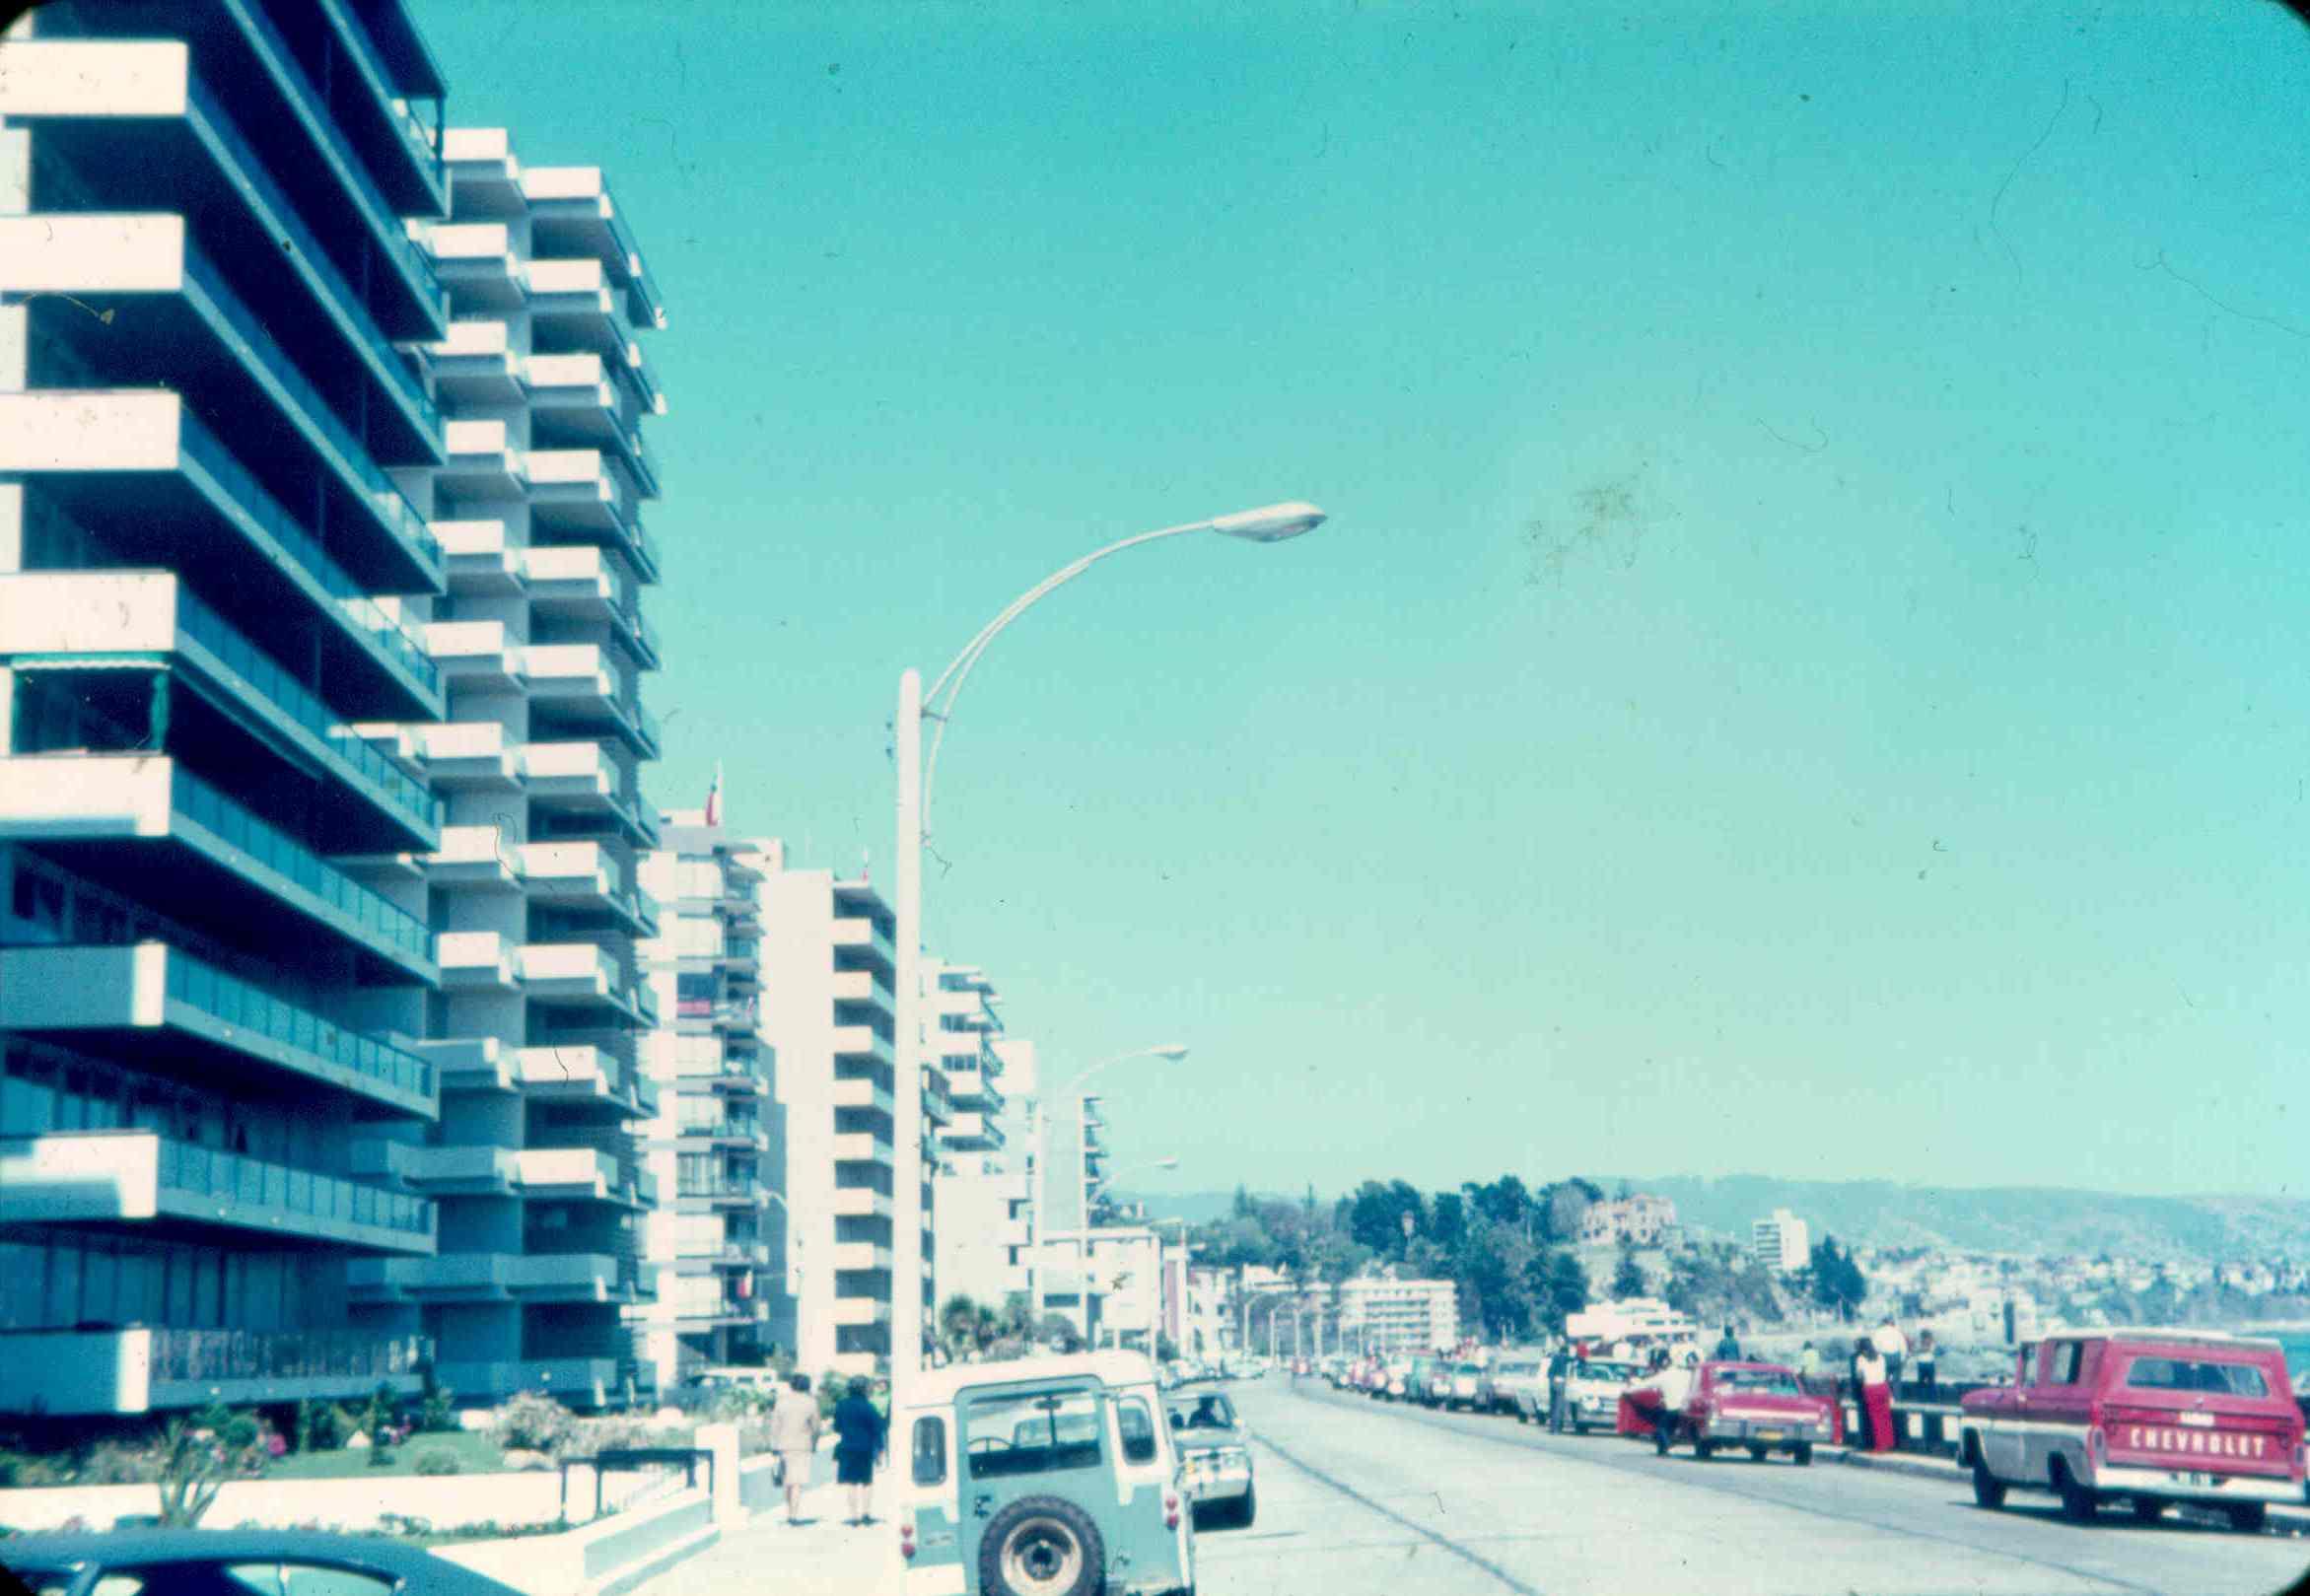 Enterreno - Fotos históricas de chile - fotos antiguas de Chile - Avenida Perú de Viña del Mar en 1970